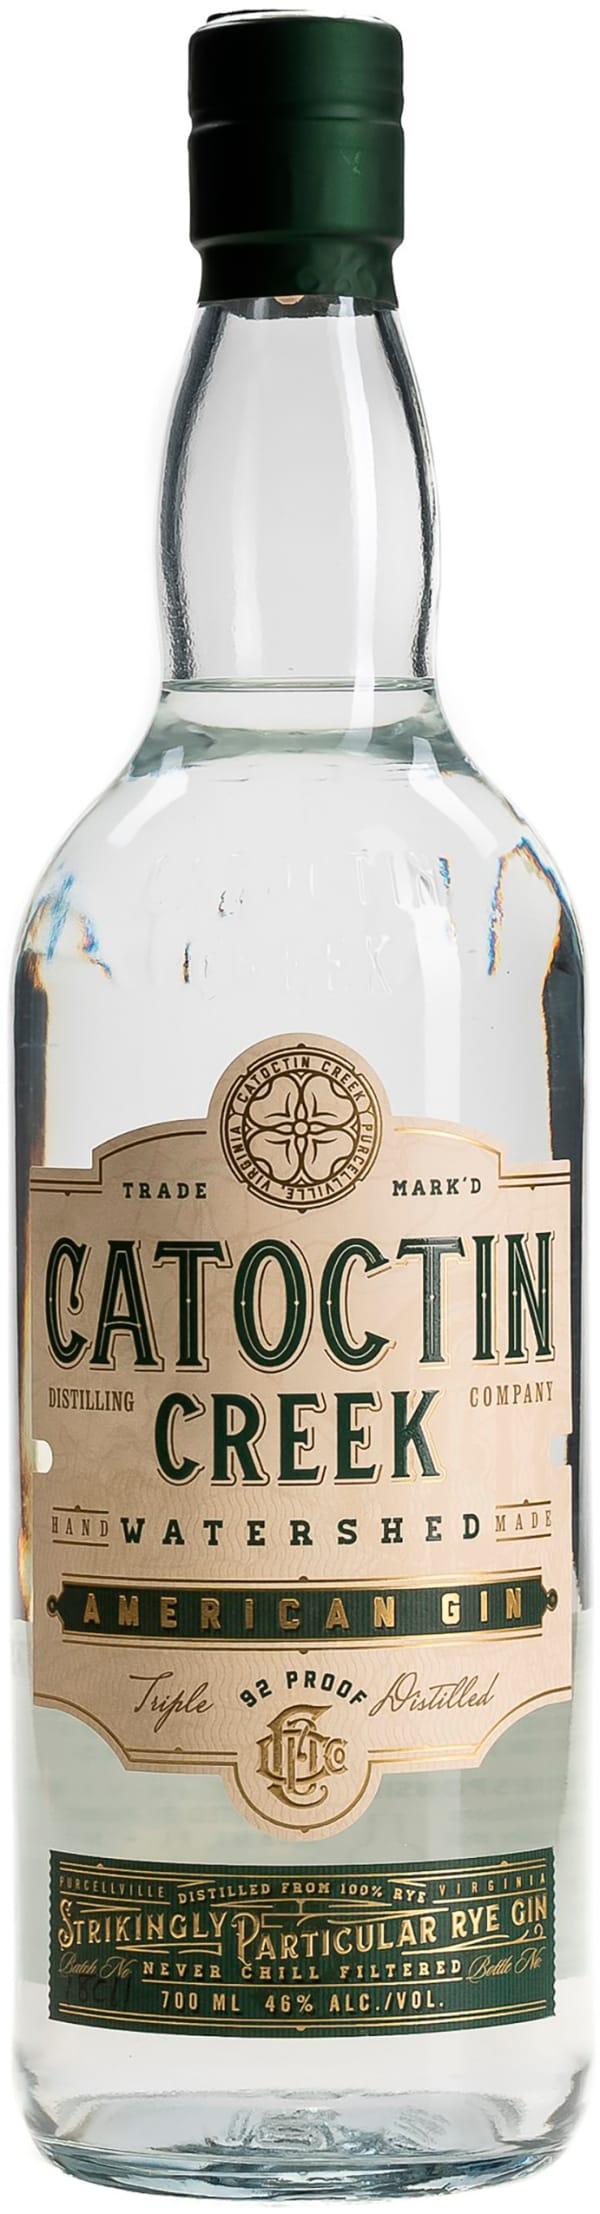 Catoctin Creek American Gin